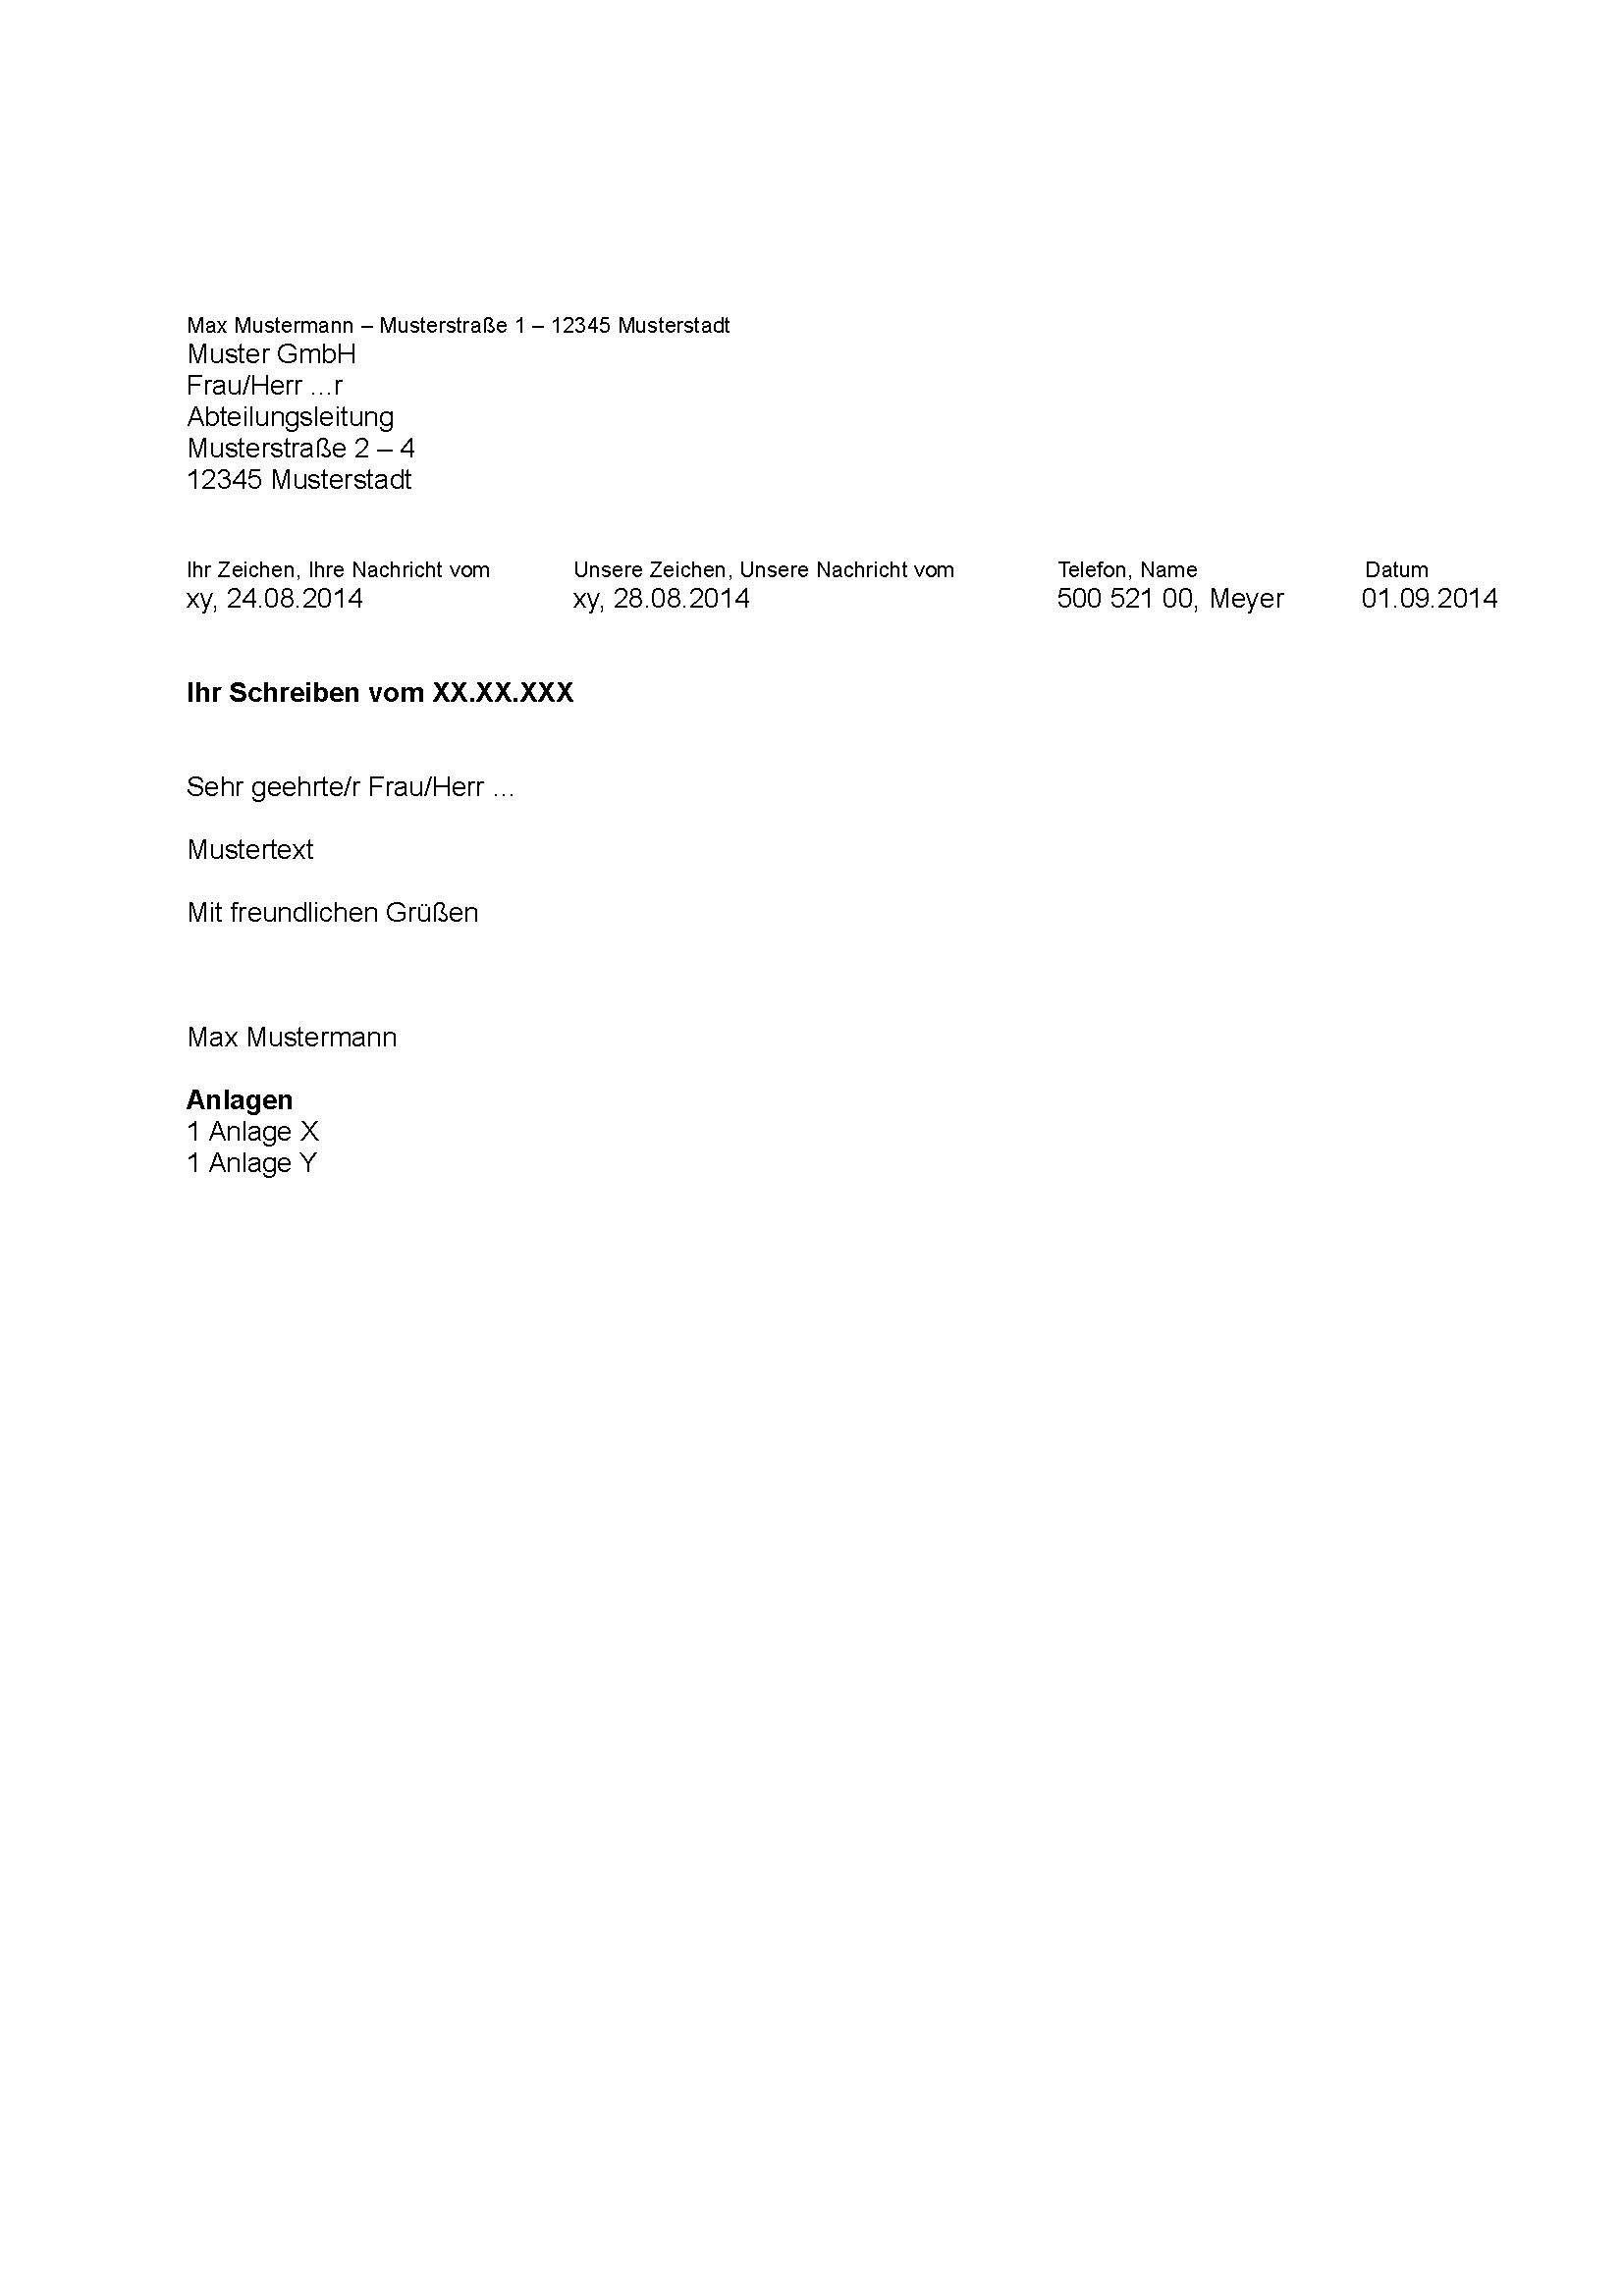 Frisch Din 5008 Bewerbung Vorlage Word Briefprobe Briefformat Briefvorlage Vorlagen Word Briefvorlagen Bewerbung Anschreiben